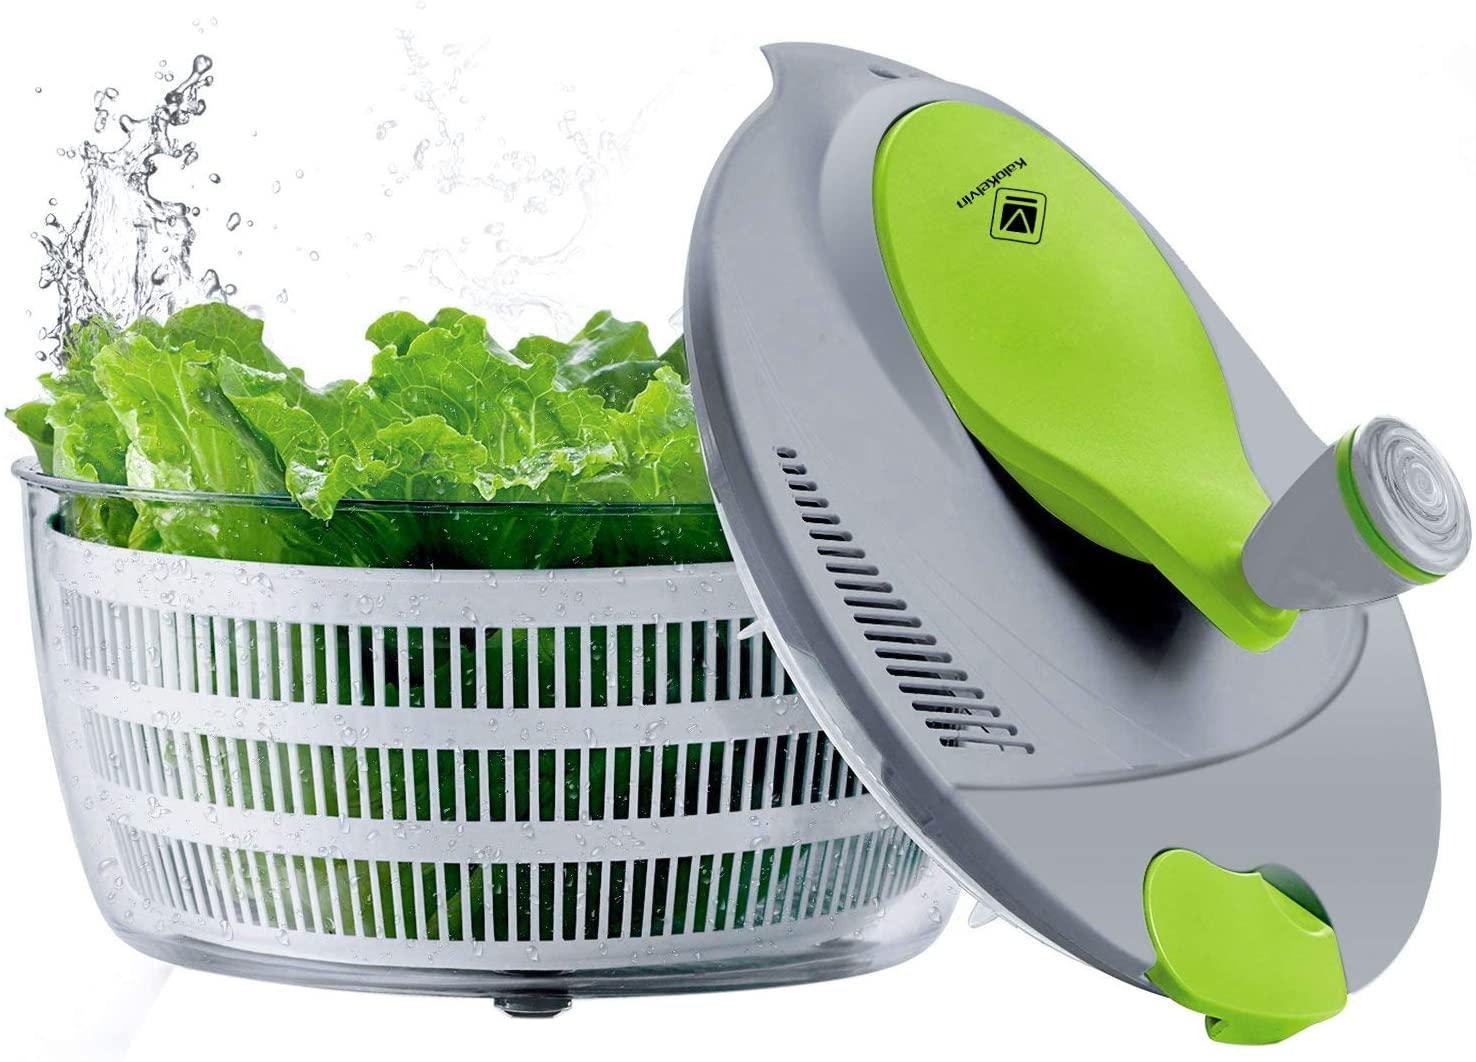 Kalokelvin - Centrifugador de ensalada de 4 litros de plástico, fácil de girar, para lavar y secar verduras